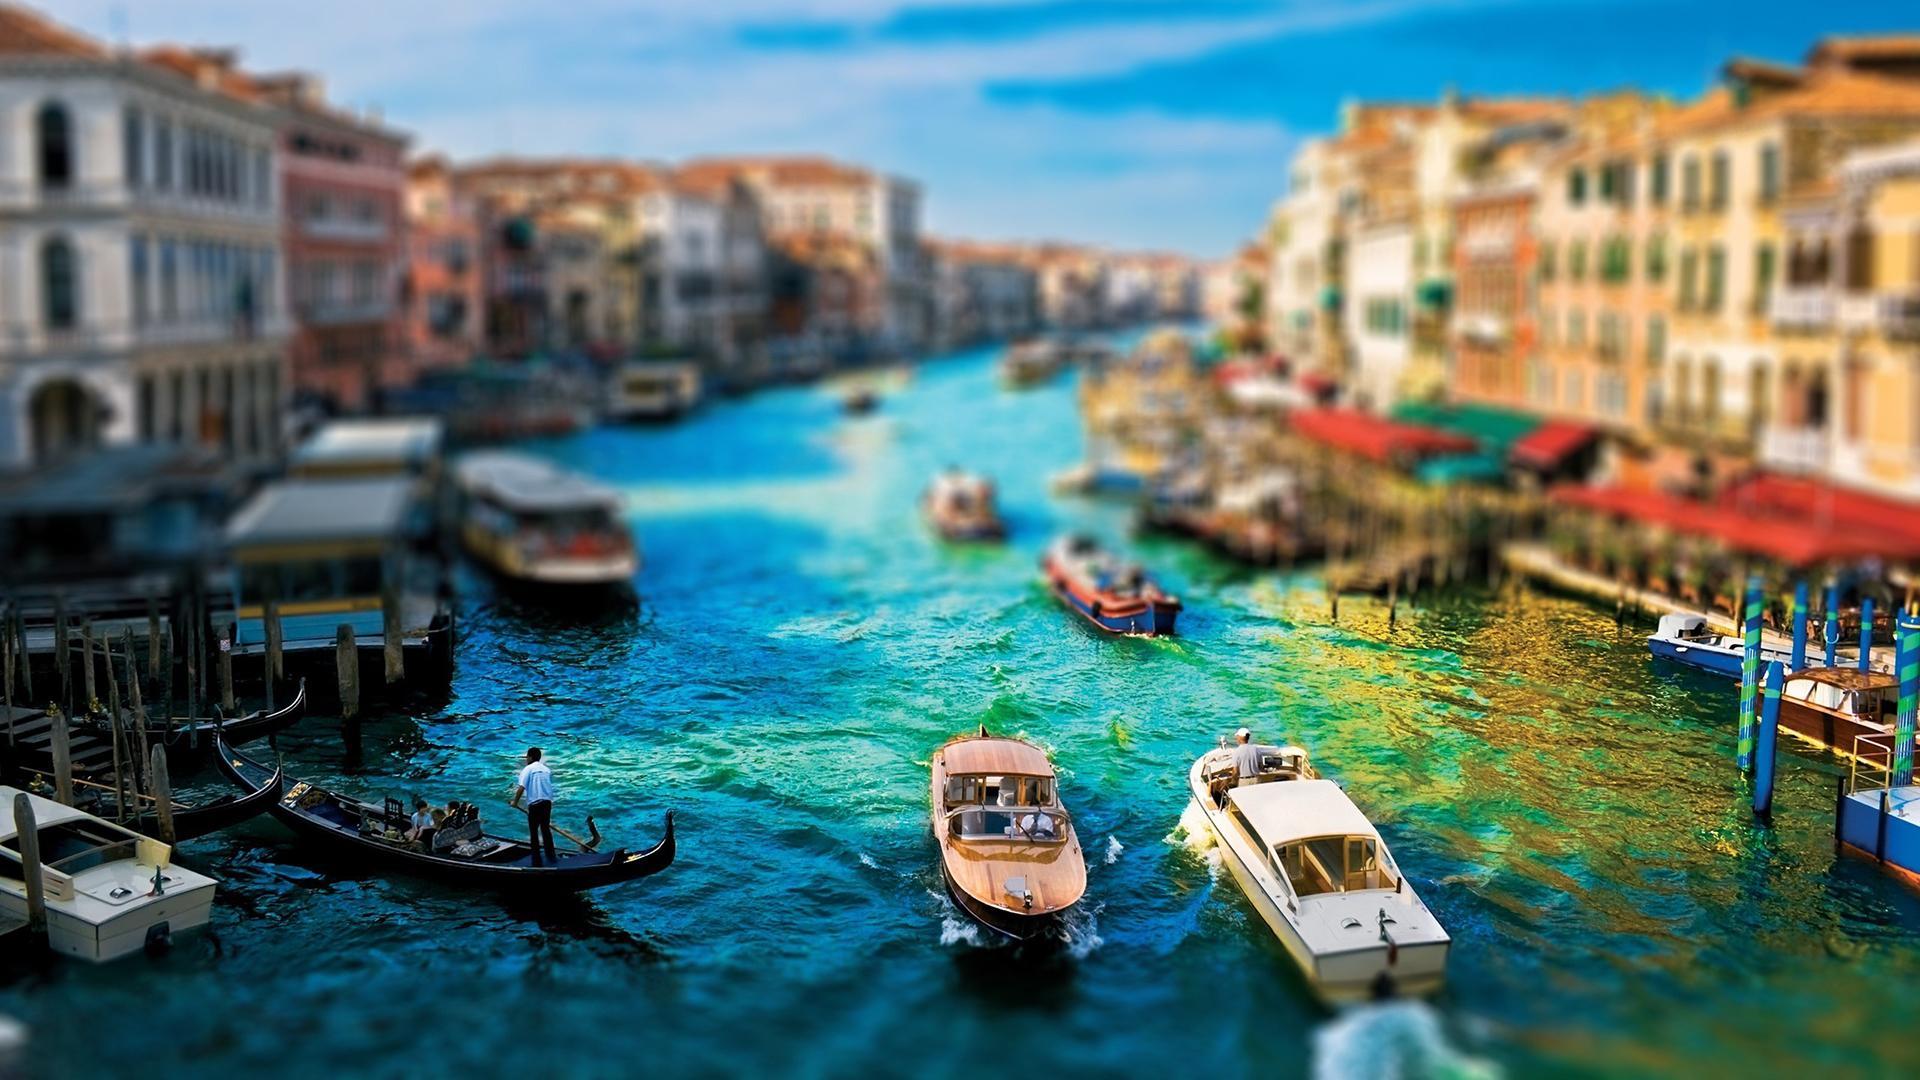 精选城市风景移轴摄影高清宽屏桌面壁纸